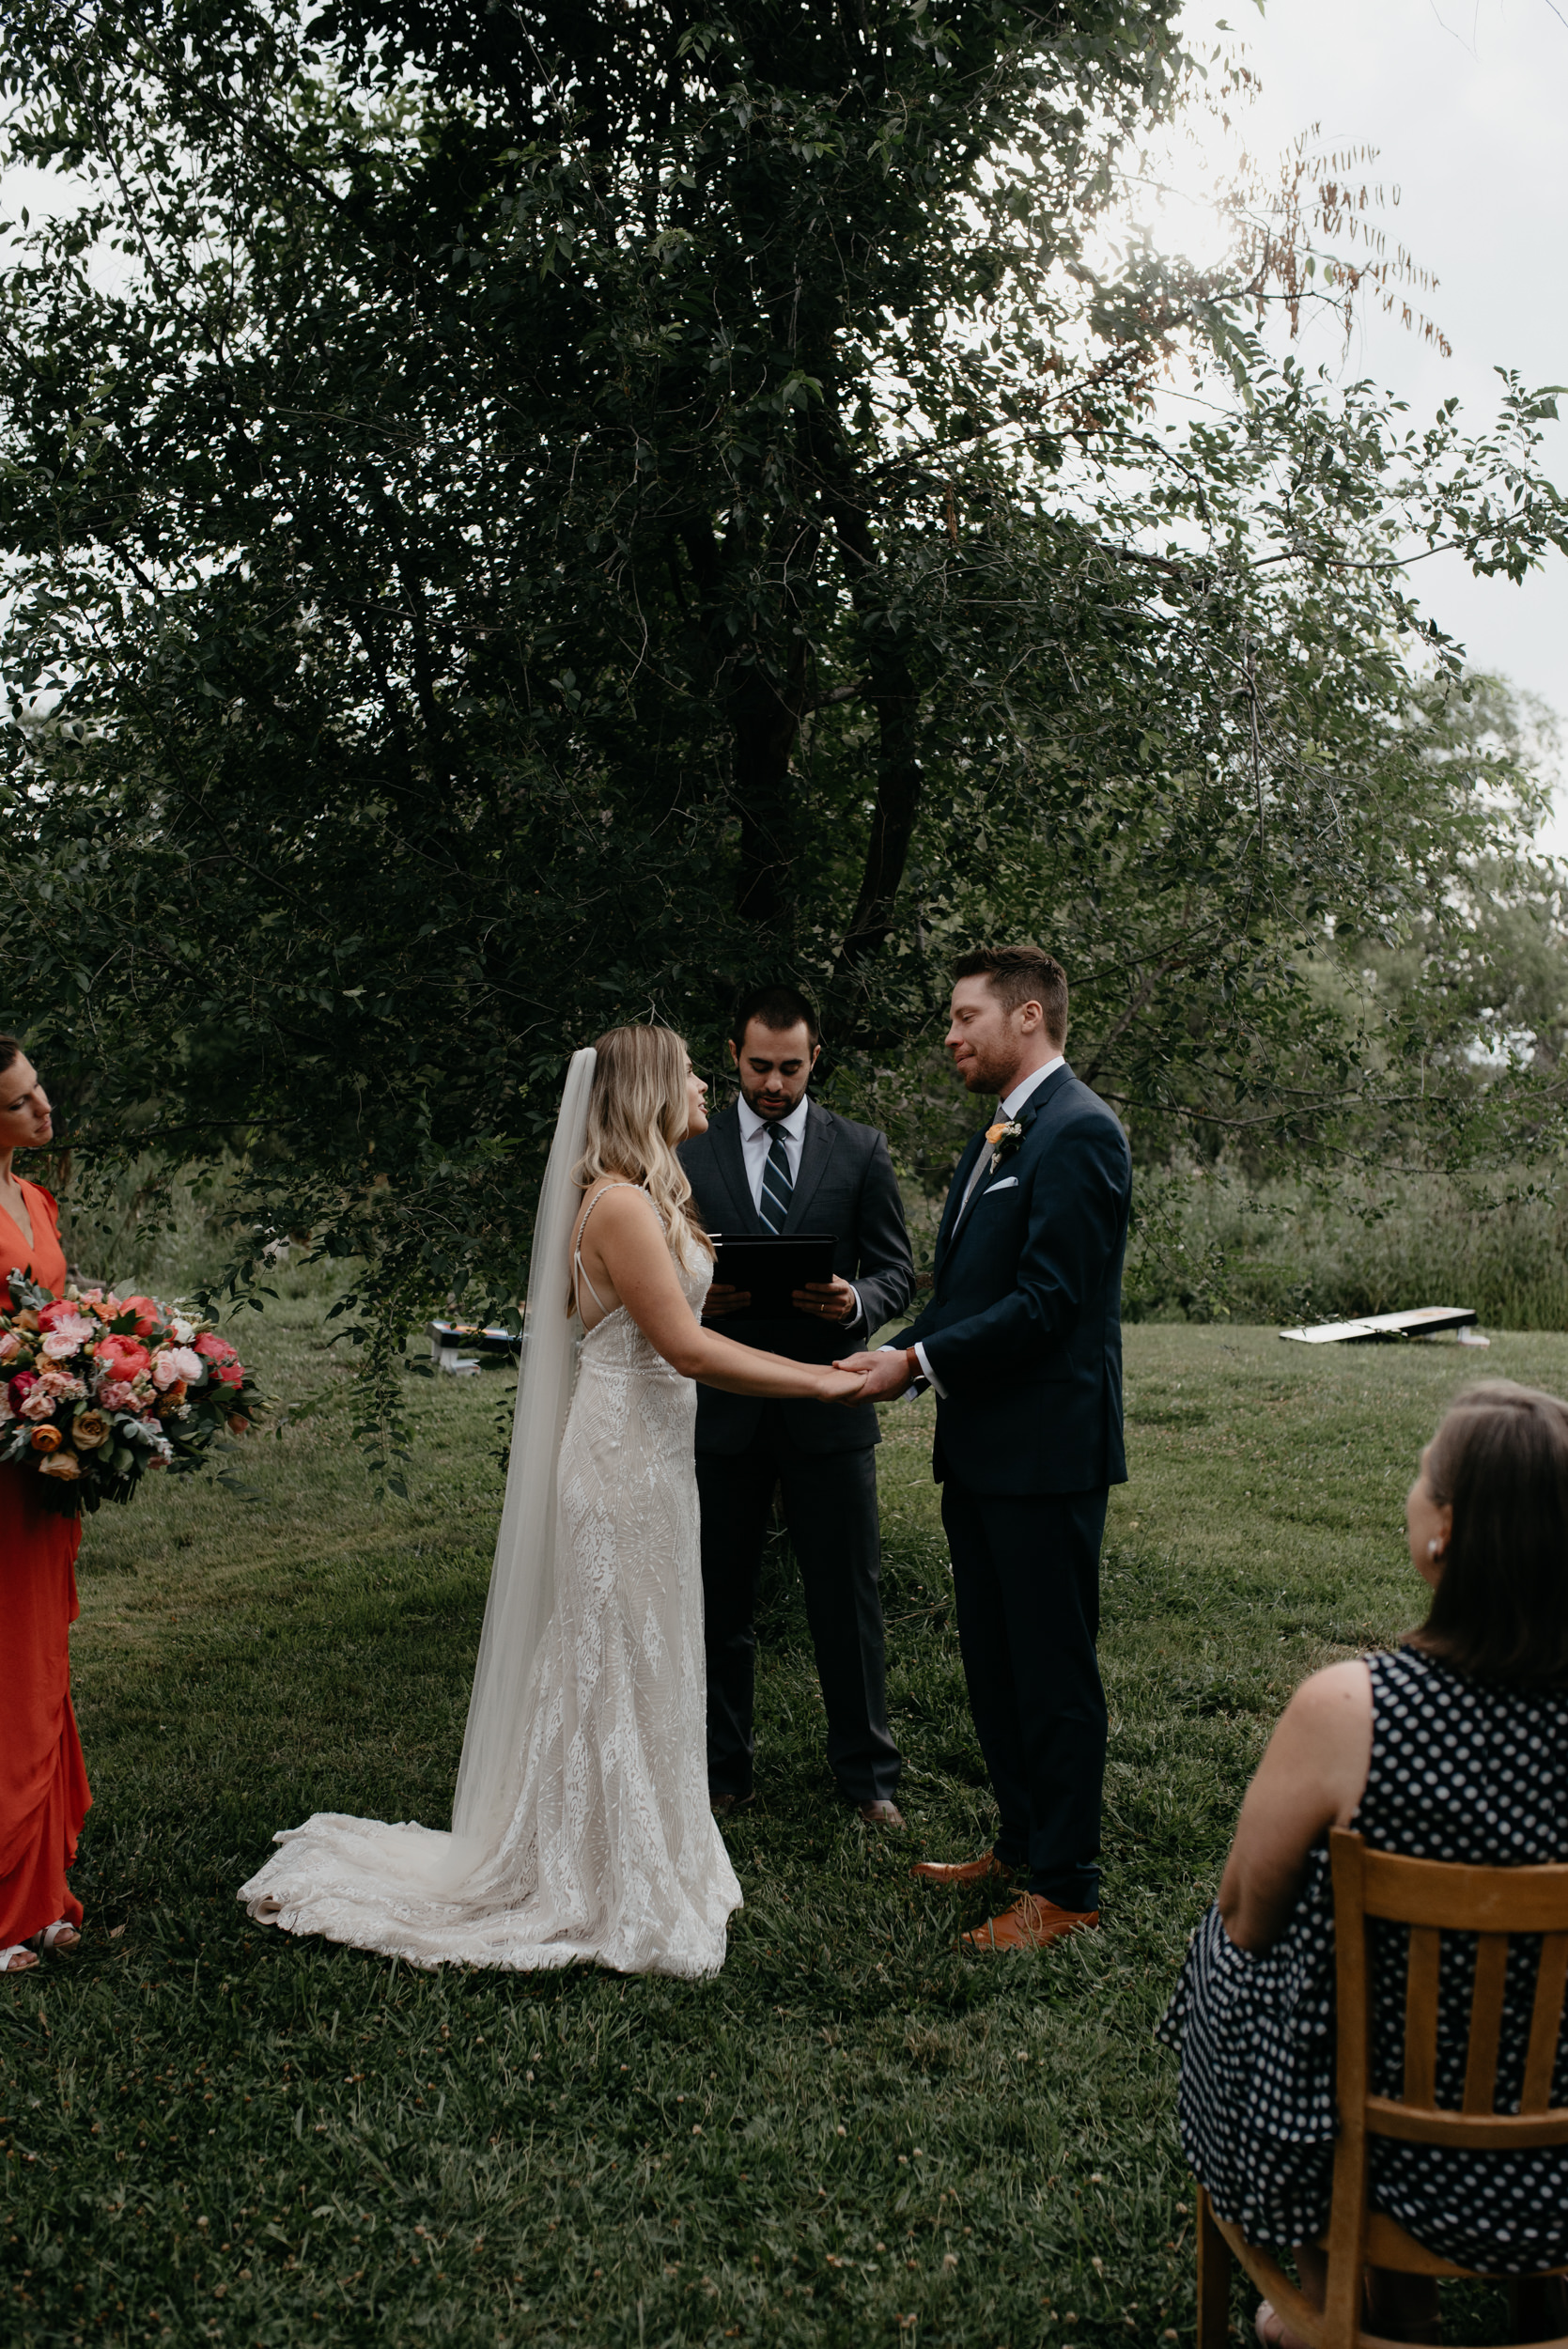 Three Leaf Farm wedding ceremony in Boulder, Colorado. Colorado intimate wedding and elopement photographer. Boulder rustic farm wedding venue.